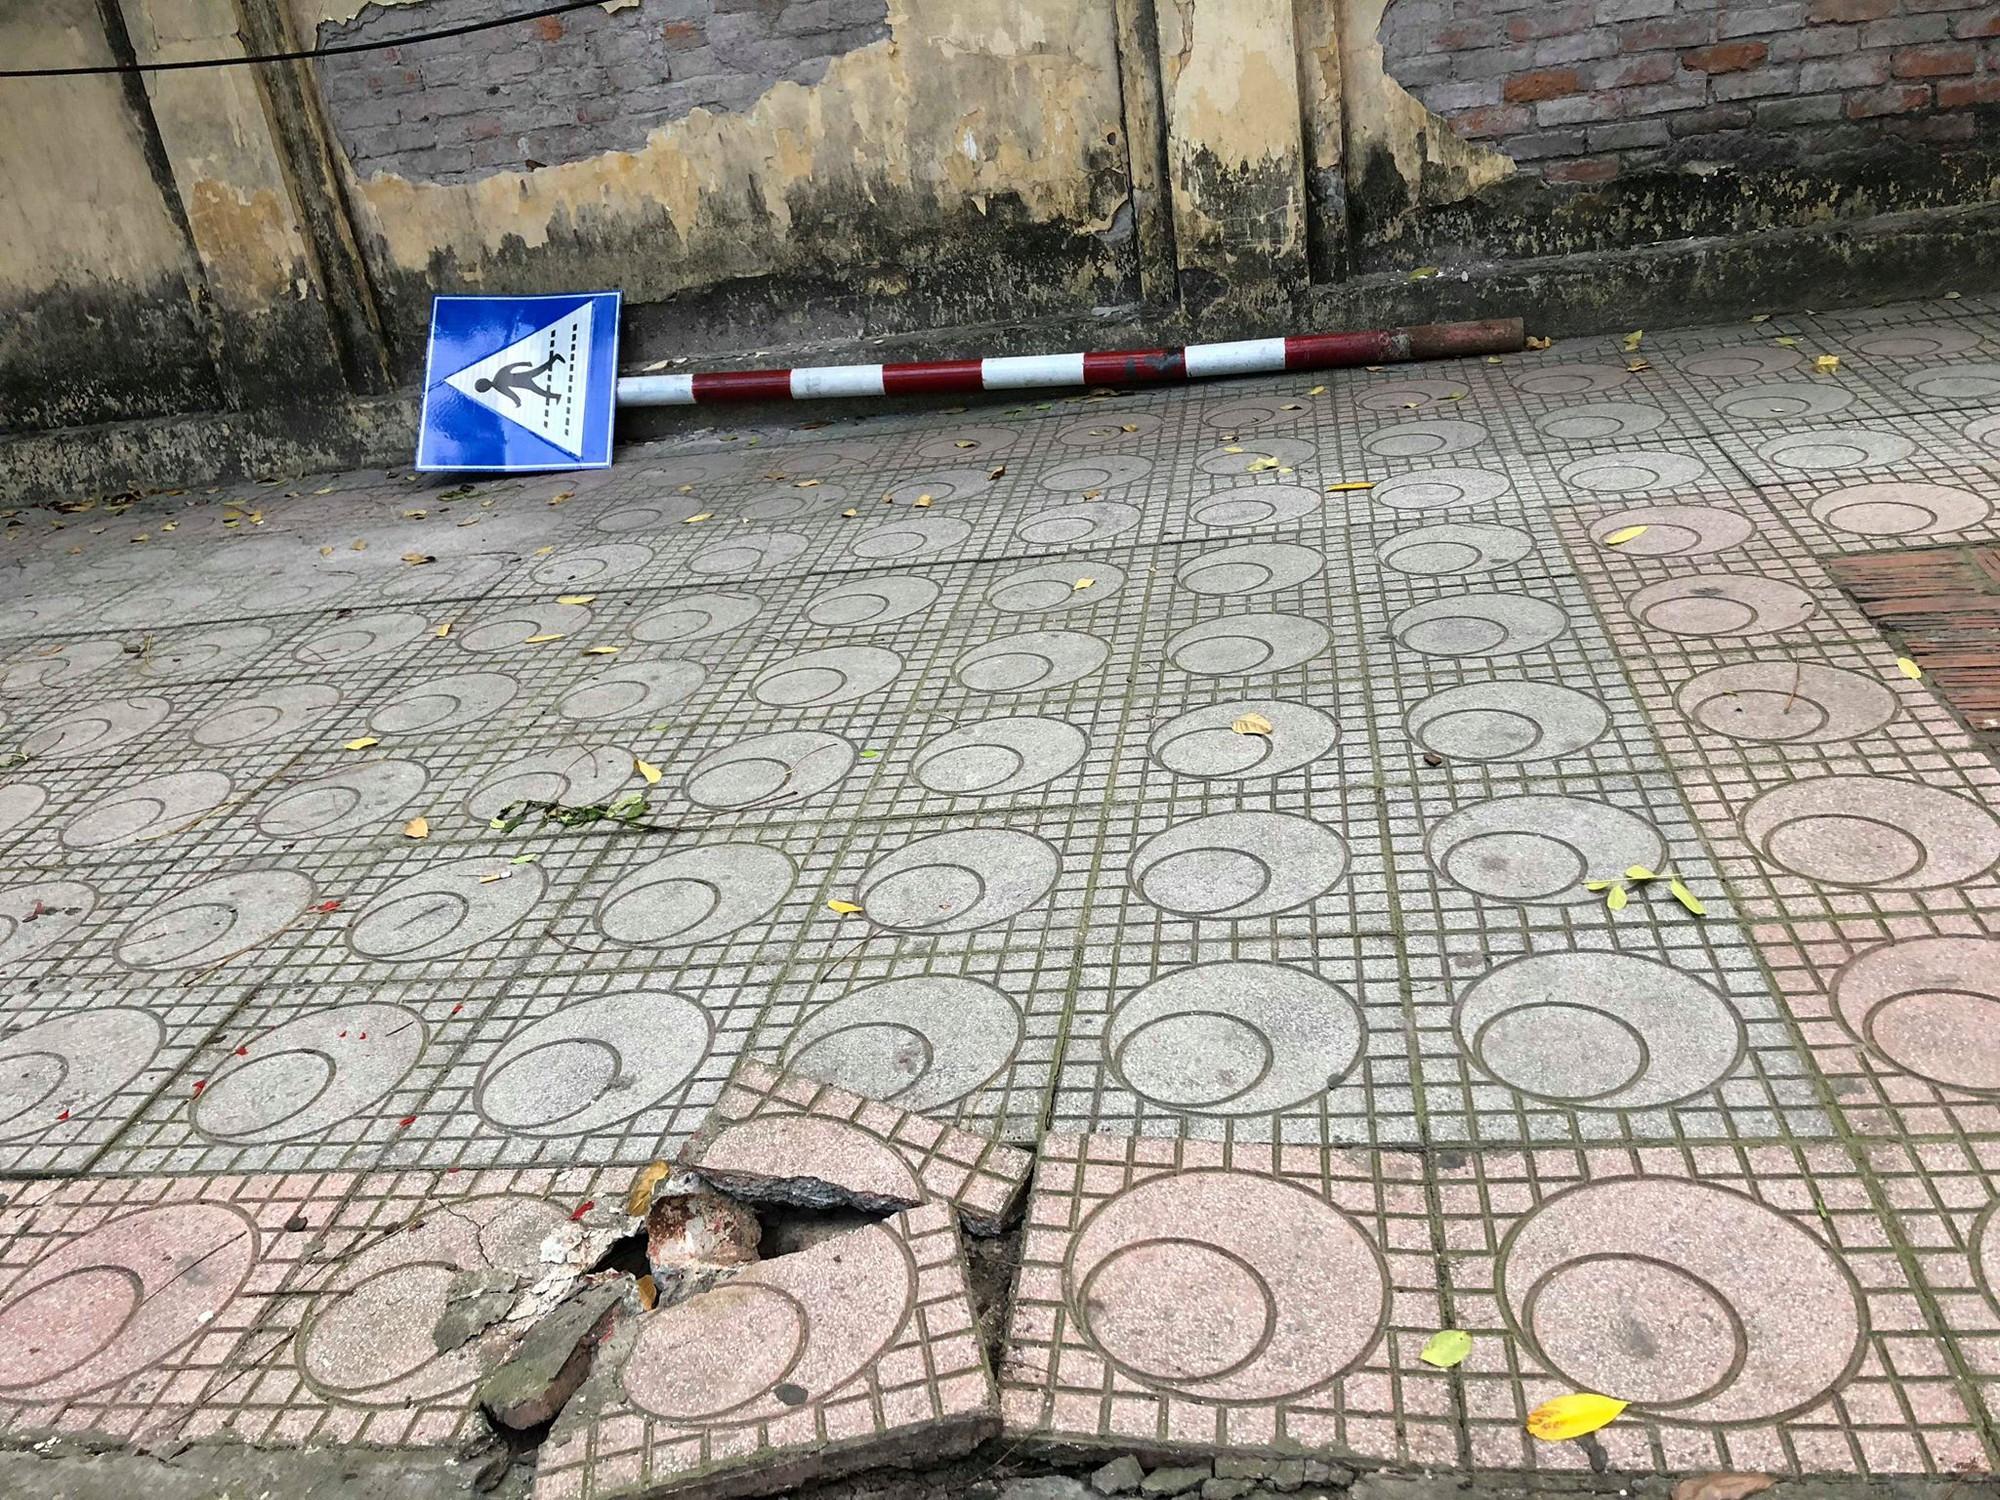 Hà Nội: Nghi say nắng, cô gái tự lao xe vào cột biển báo giao thông được 2 nữ du khách nước ngoài sơ cứu - Ảnh 5.